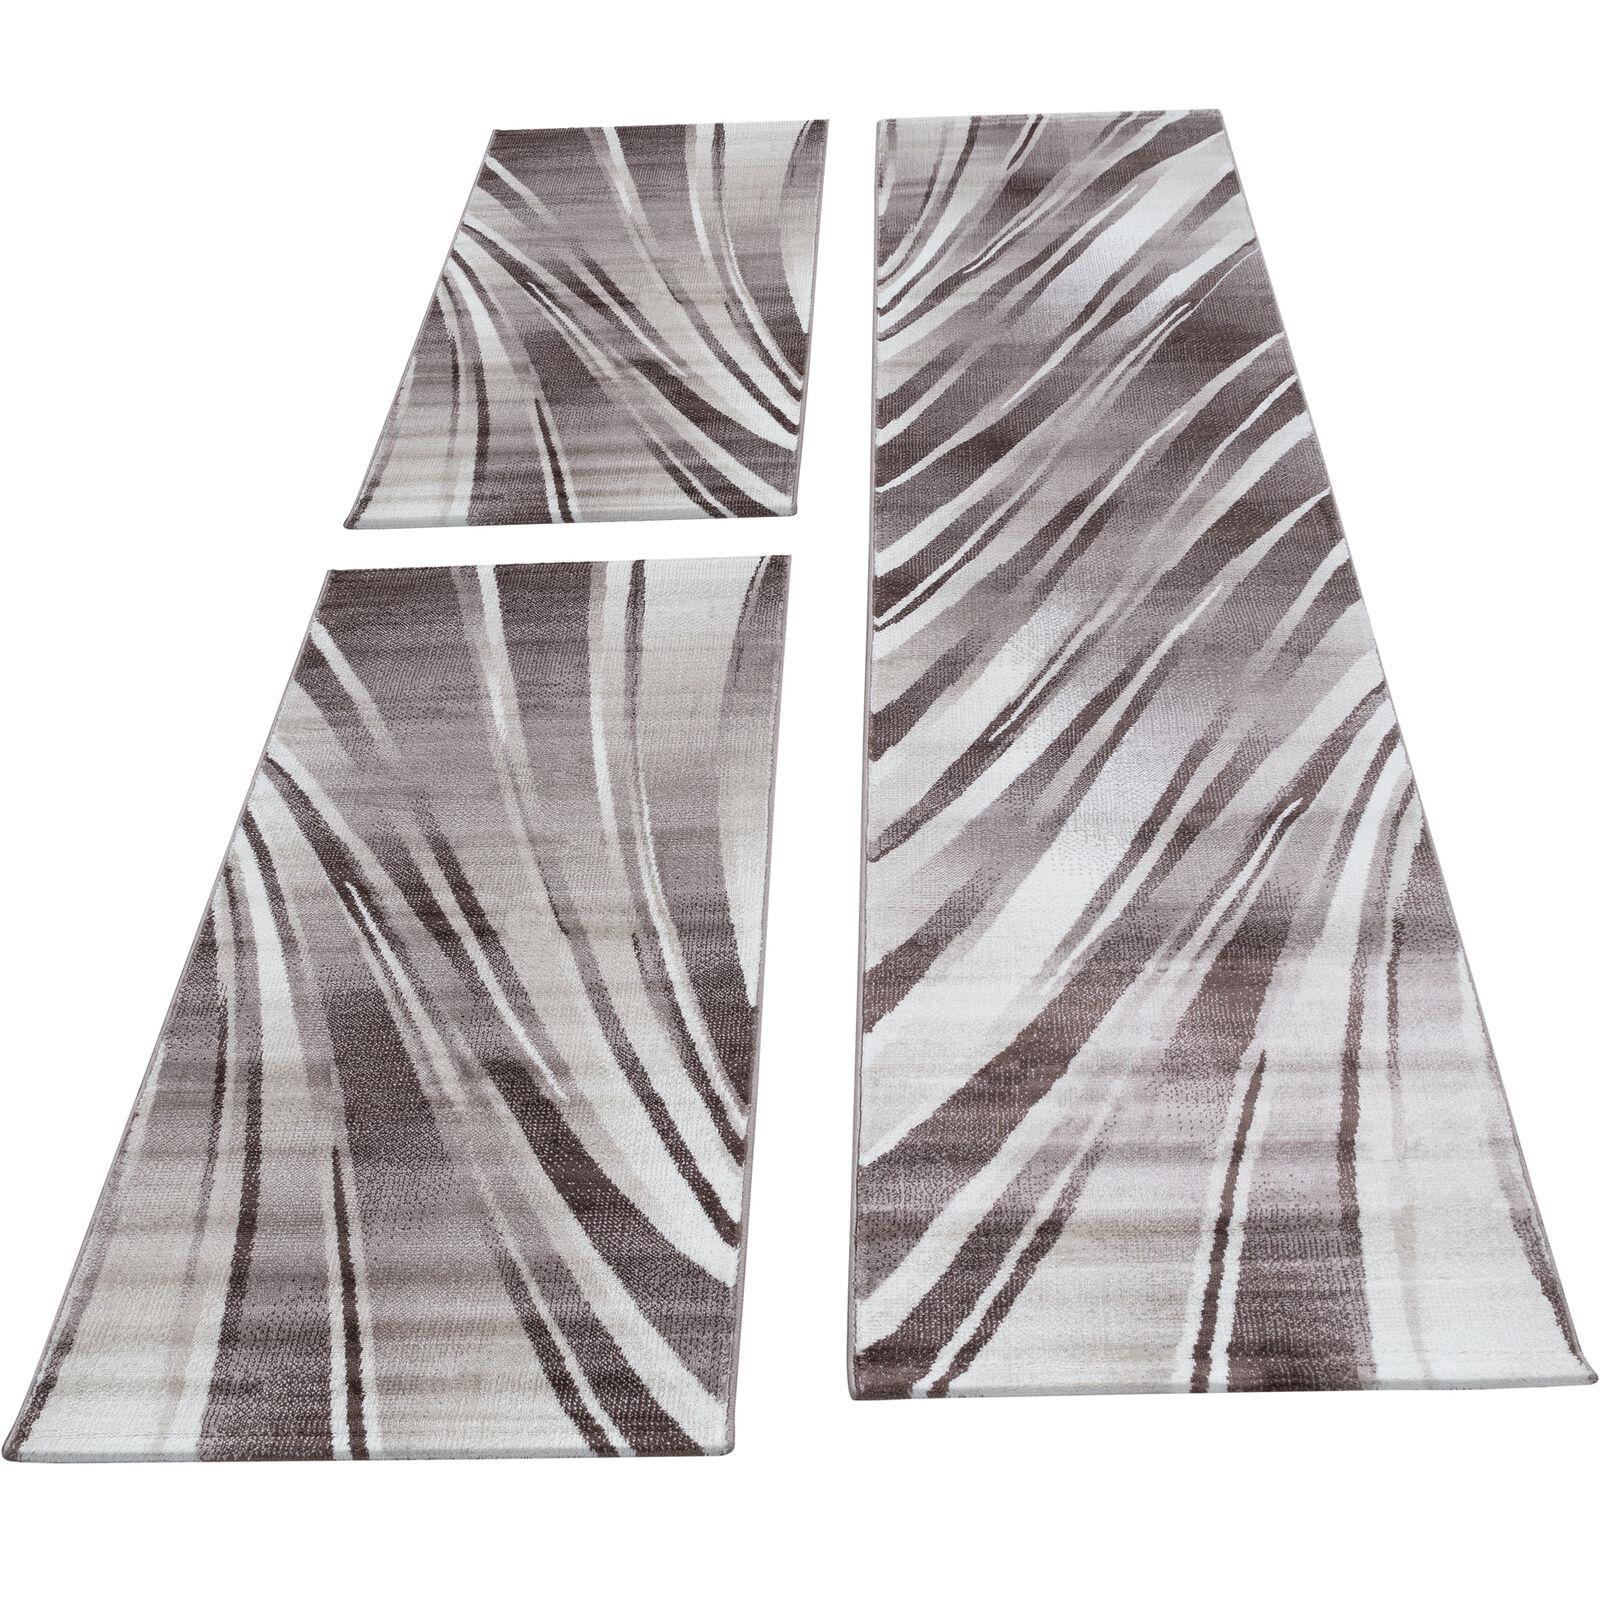 Bettumrandung Läufer Set Teppich abstrakt Wellen Muster 3 Teilig Braun meliert